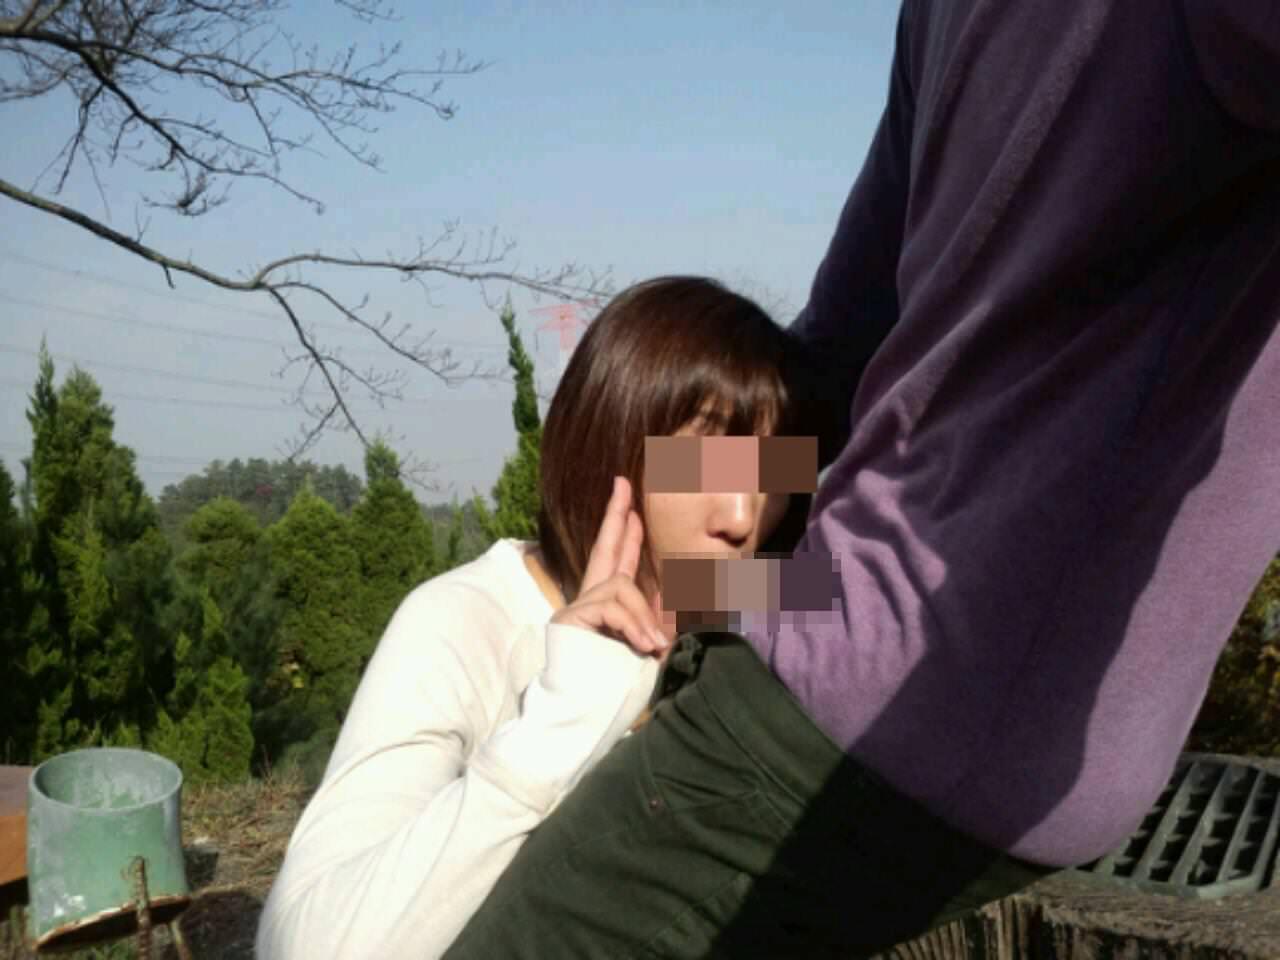 性欲で周りが見えなくなったバカップルの青姦www盗み撮りされてるのに気付いてないwww 0430